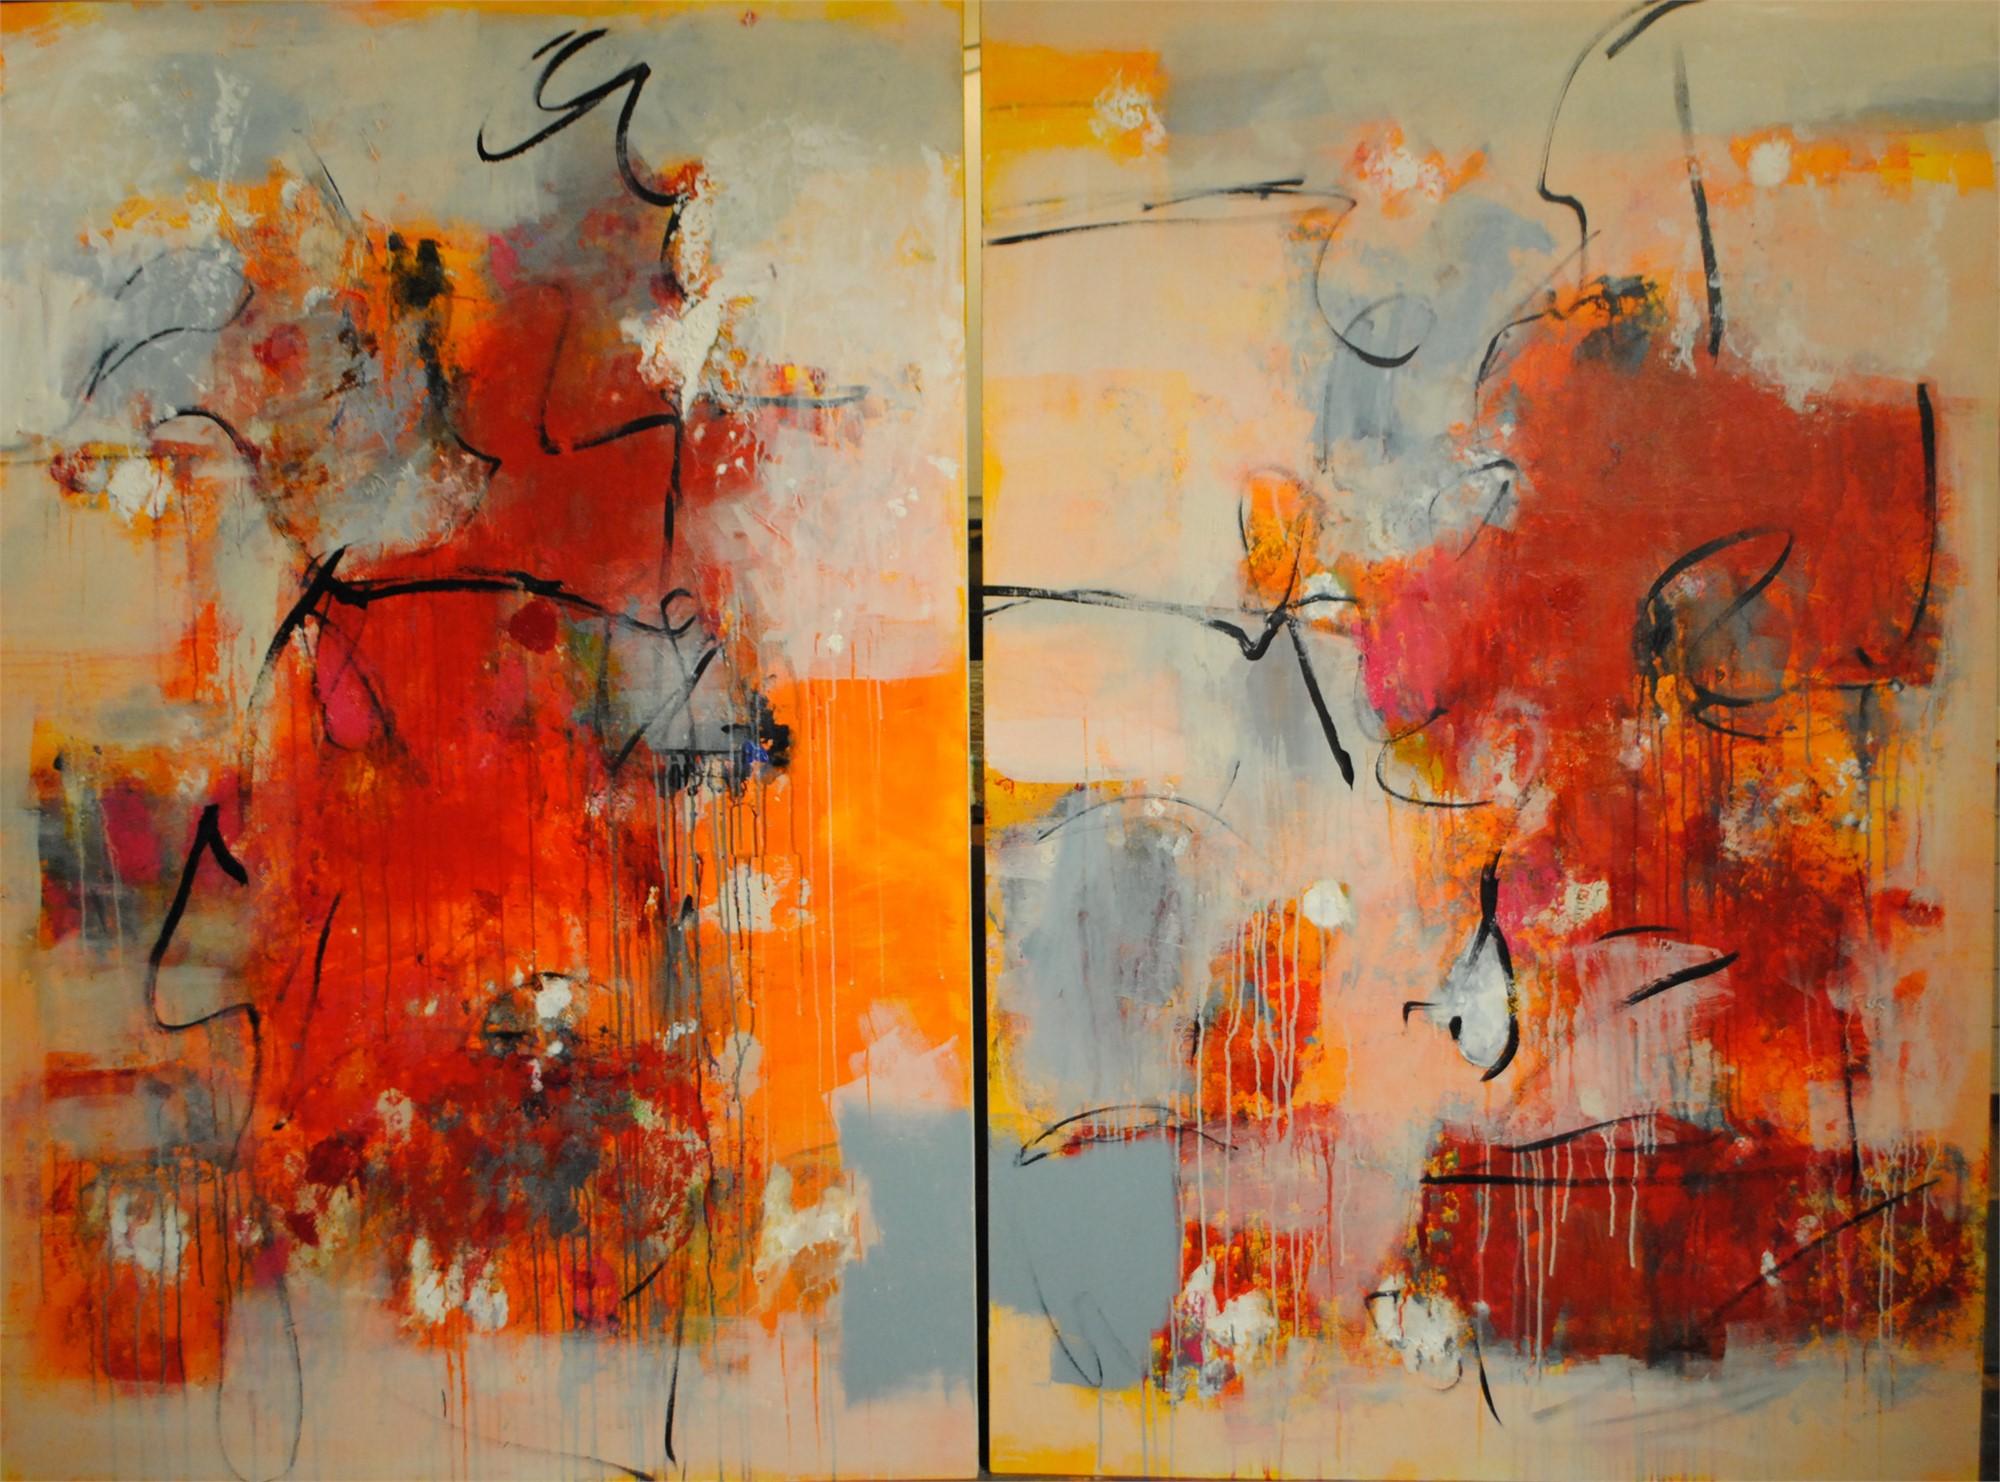 Dream of Dreams Part 2 by Dusanka Kralj